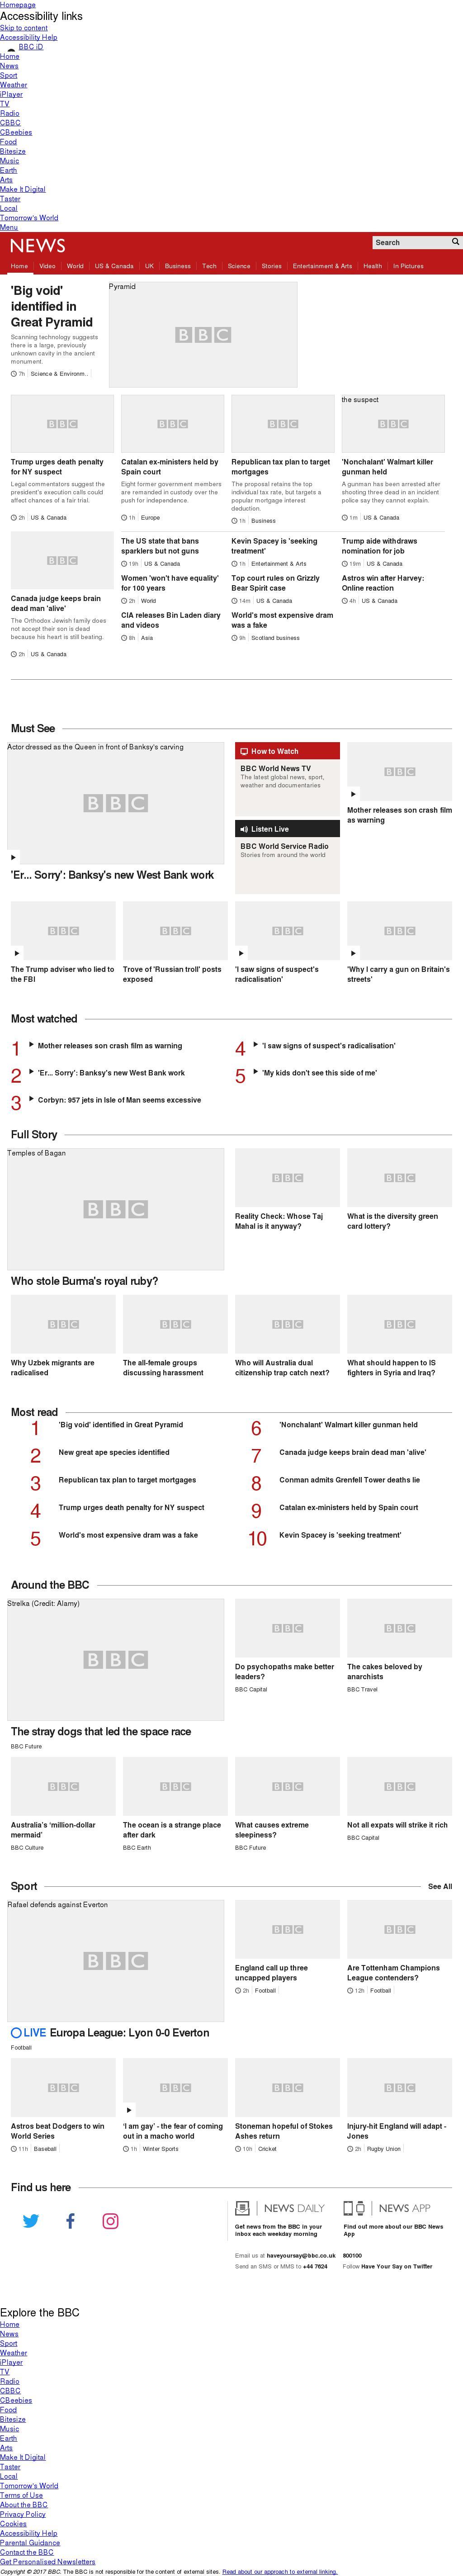 BBC at Thursday Nov. 2, 2017, 7 p.m. UTC